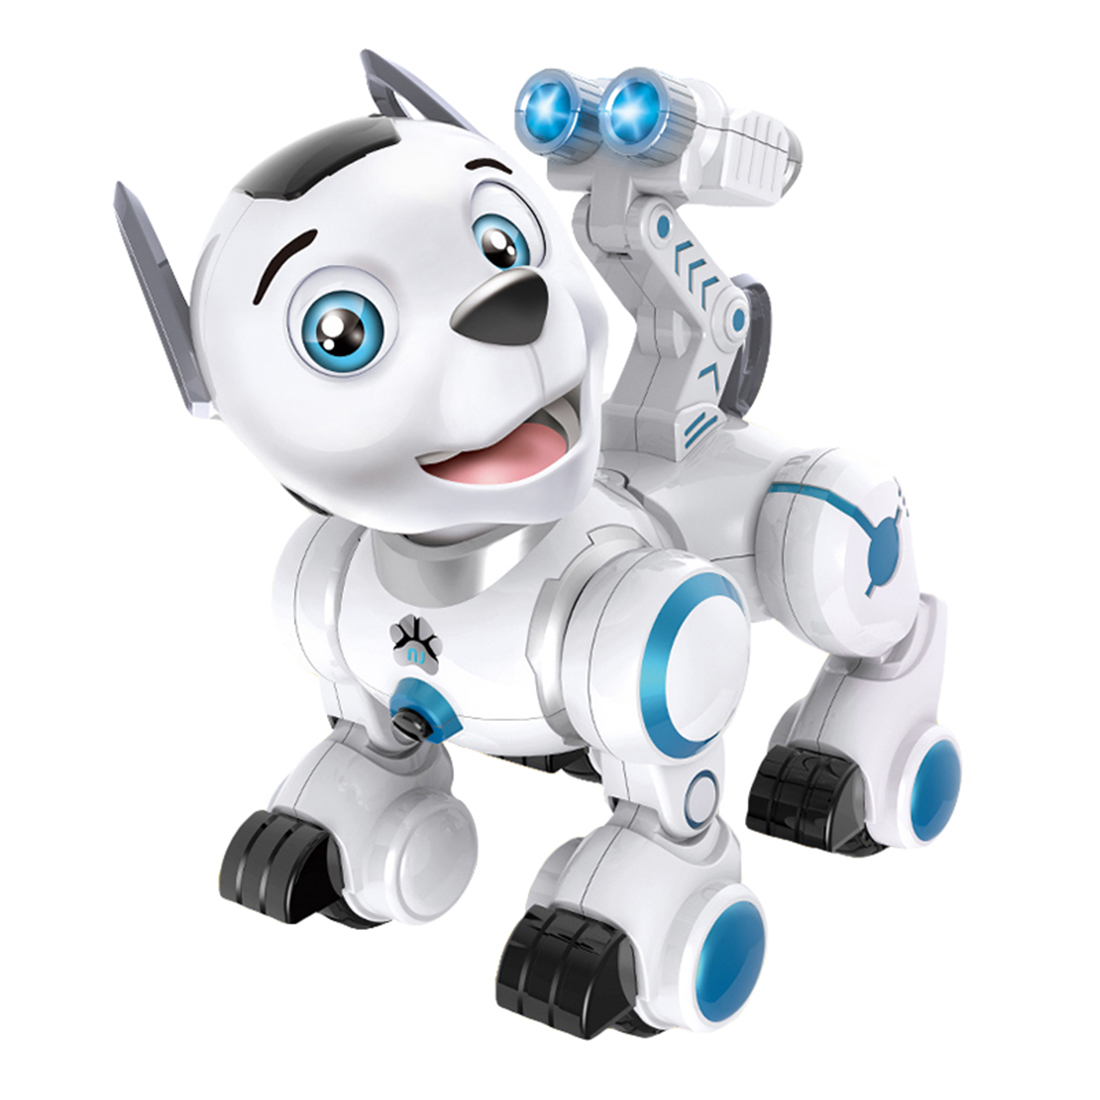 Jouet éducatif chaud mignon Intelligent télécommande jouet Intelligent Robot patrouille chien chiot jouets avec danse clin d'oeil pour enfants enfants